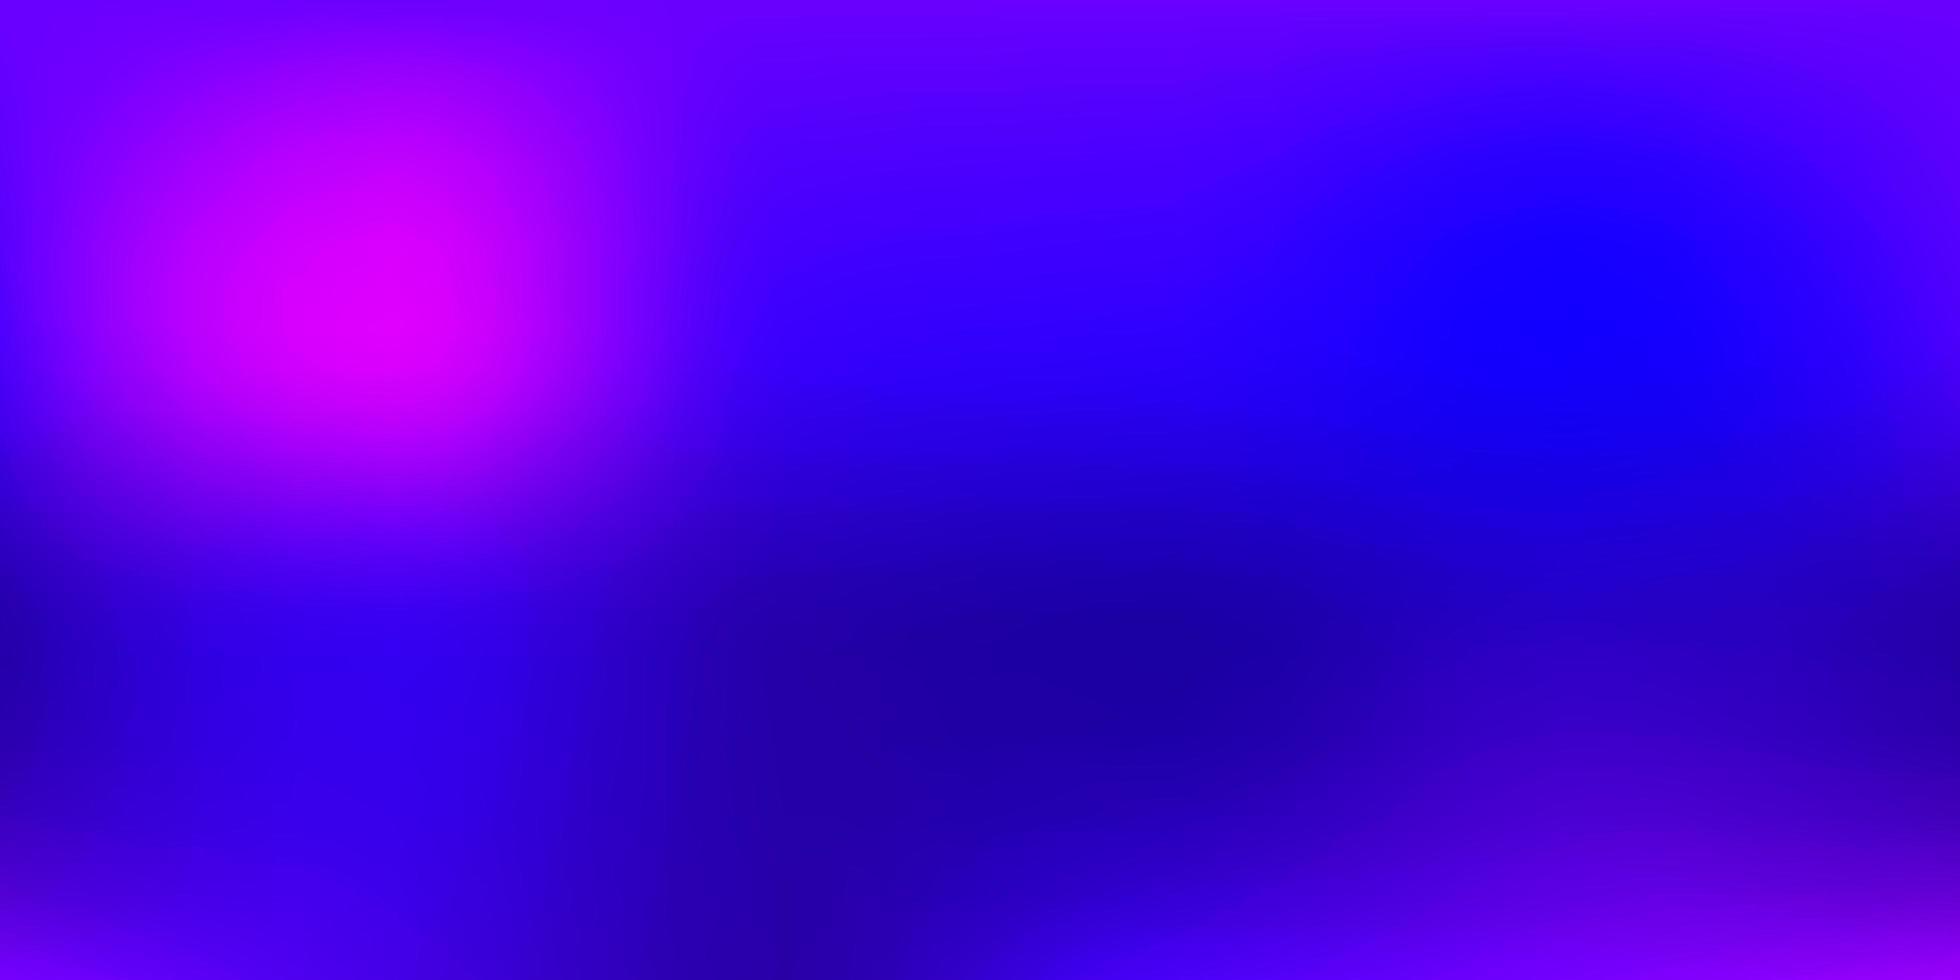 Fondo de desenfoque degradado de vector púrpura oscuro.